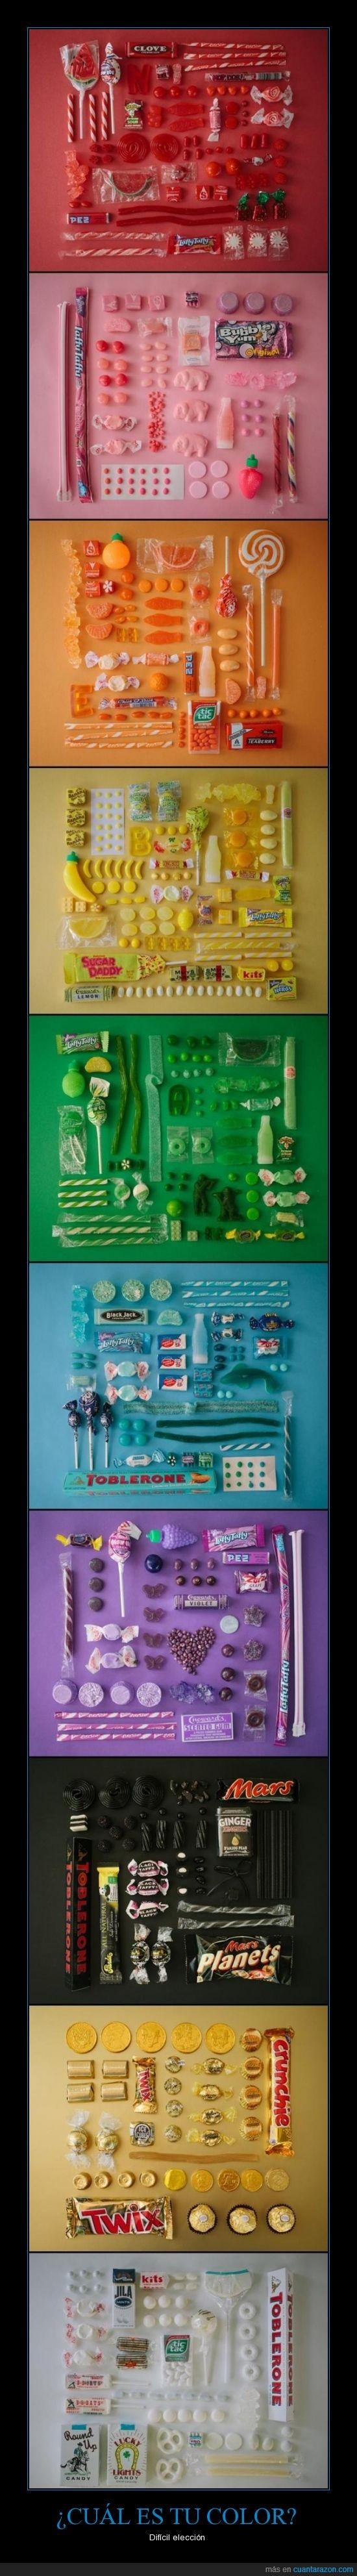 azul,blanco,chuches,color,comida,elegir,rojo